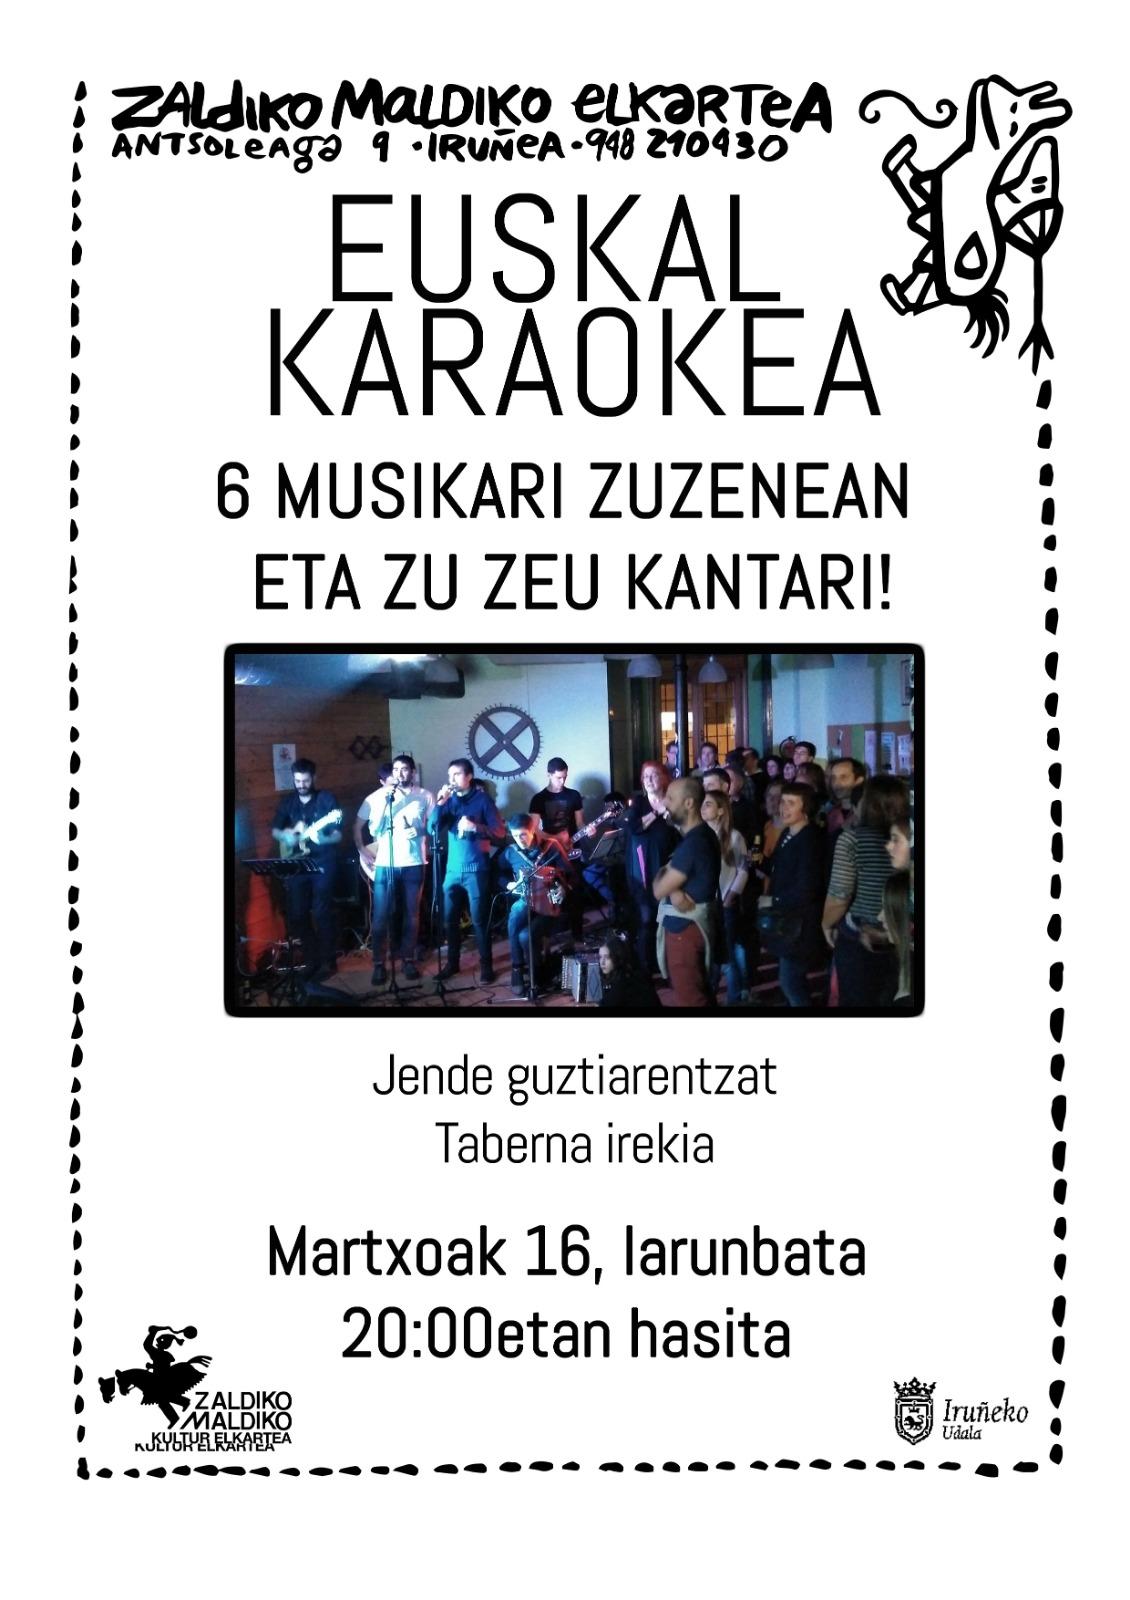 EUSKAL KARAOKEA @ Zaldiko Maldiko